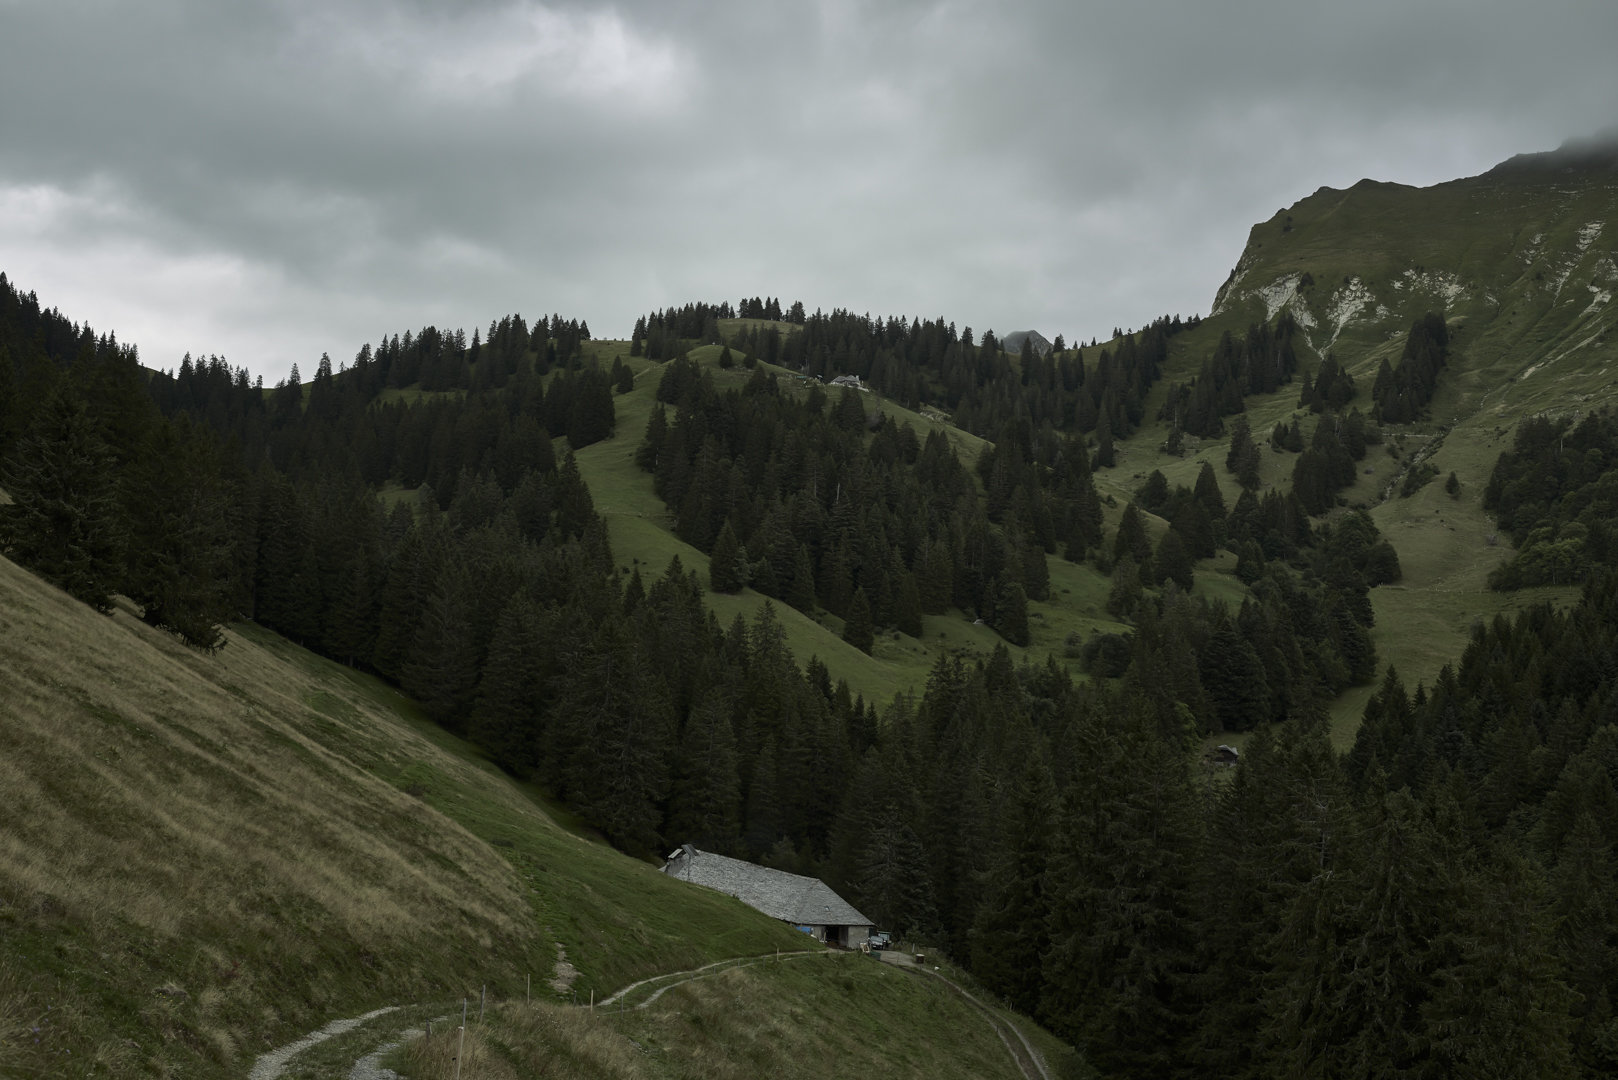 Le chalet dans l'entrelacs des vallées.